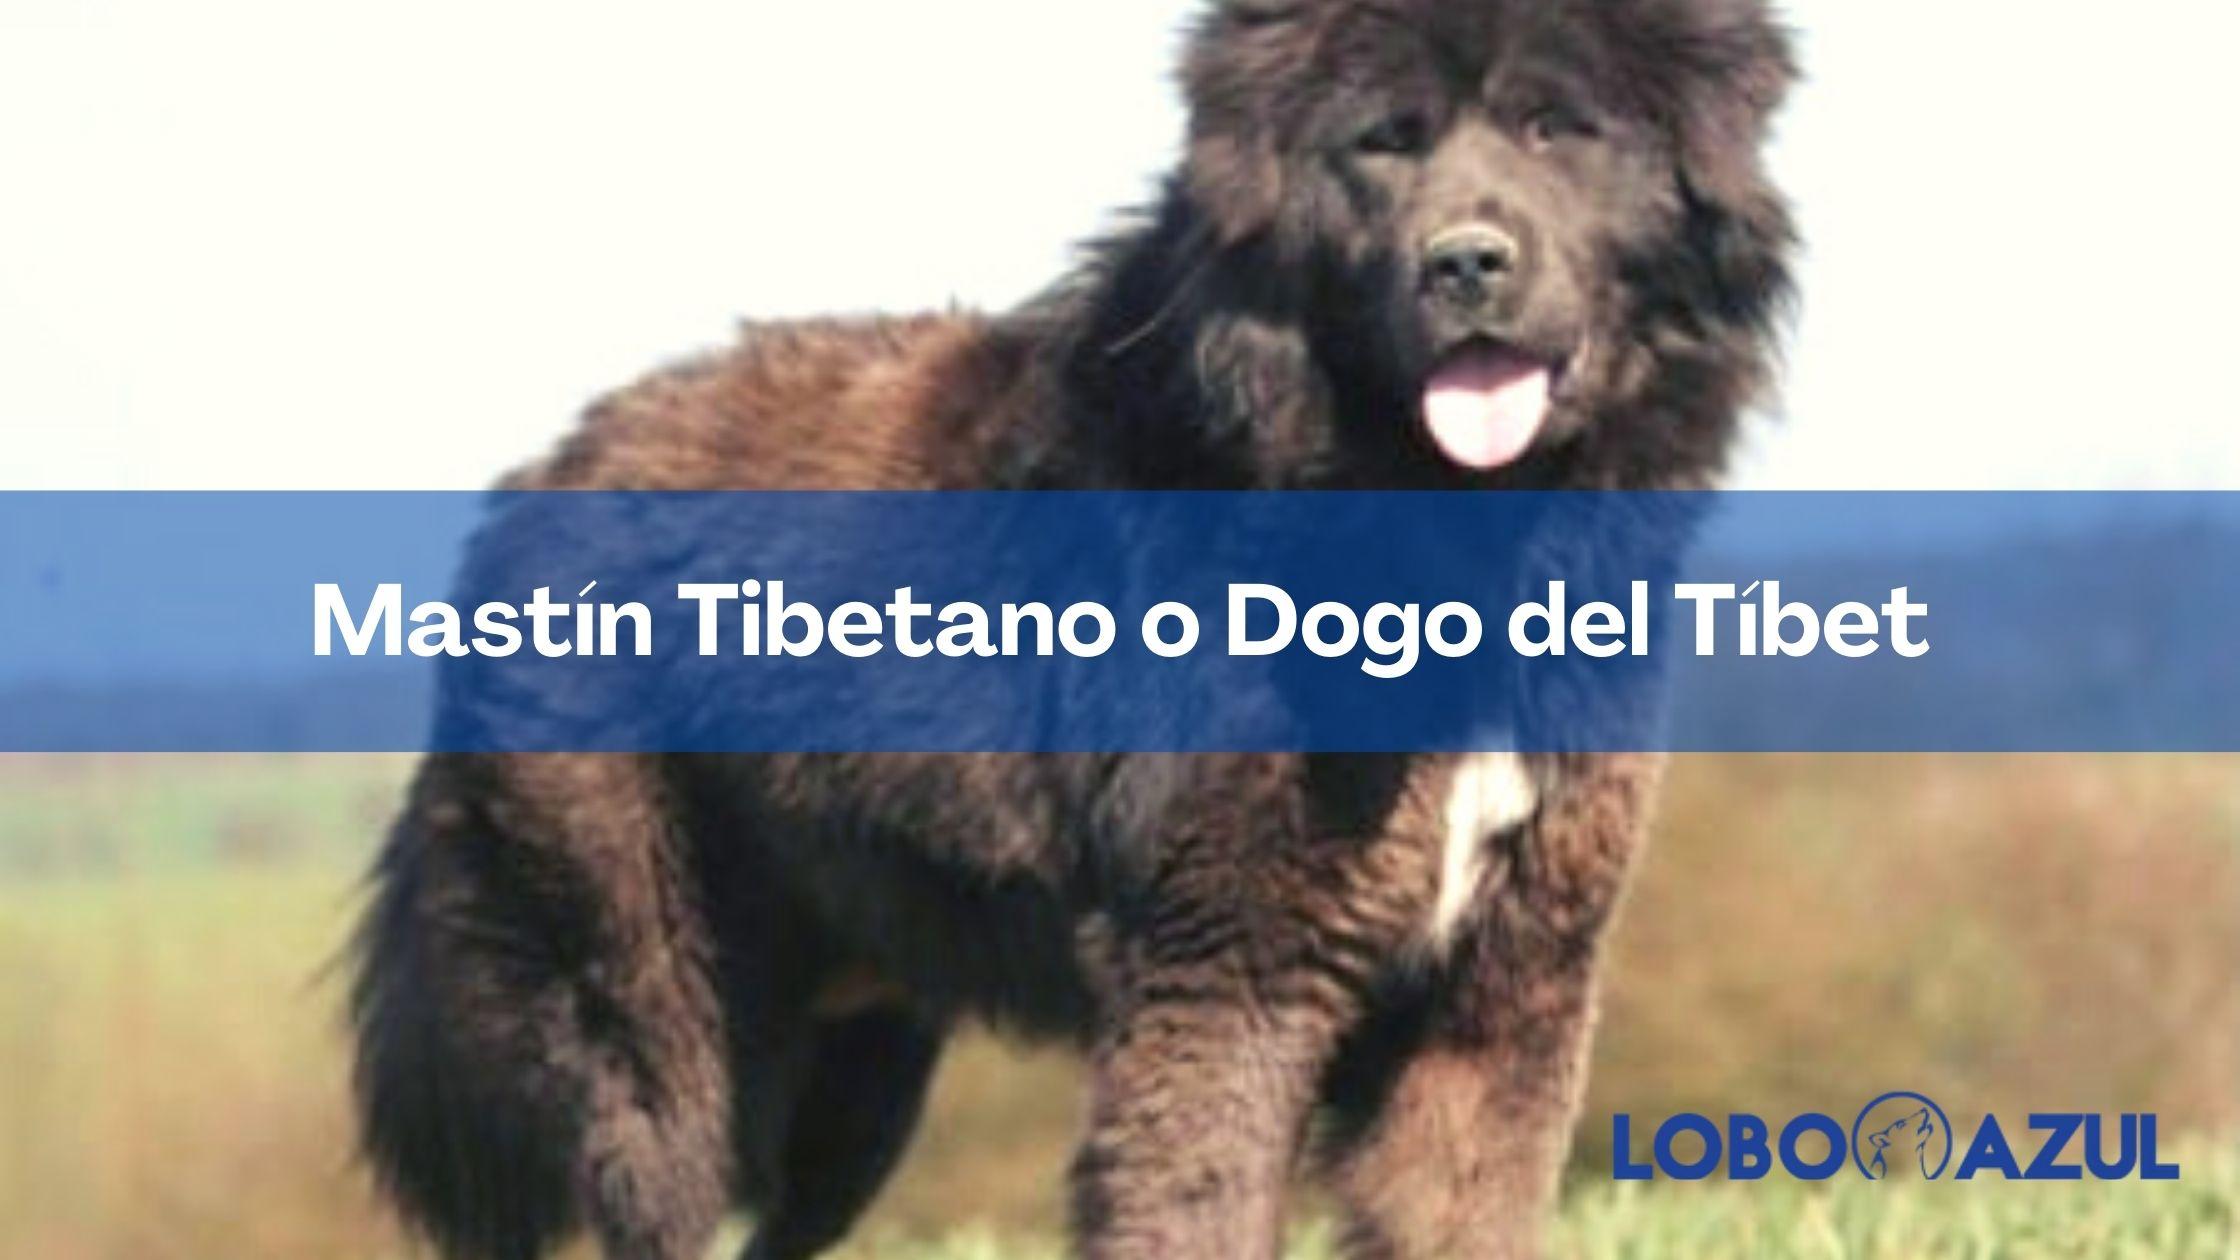 El Mastín Tibetano - La guía mas completa sobre el Dogo del Tíbet